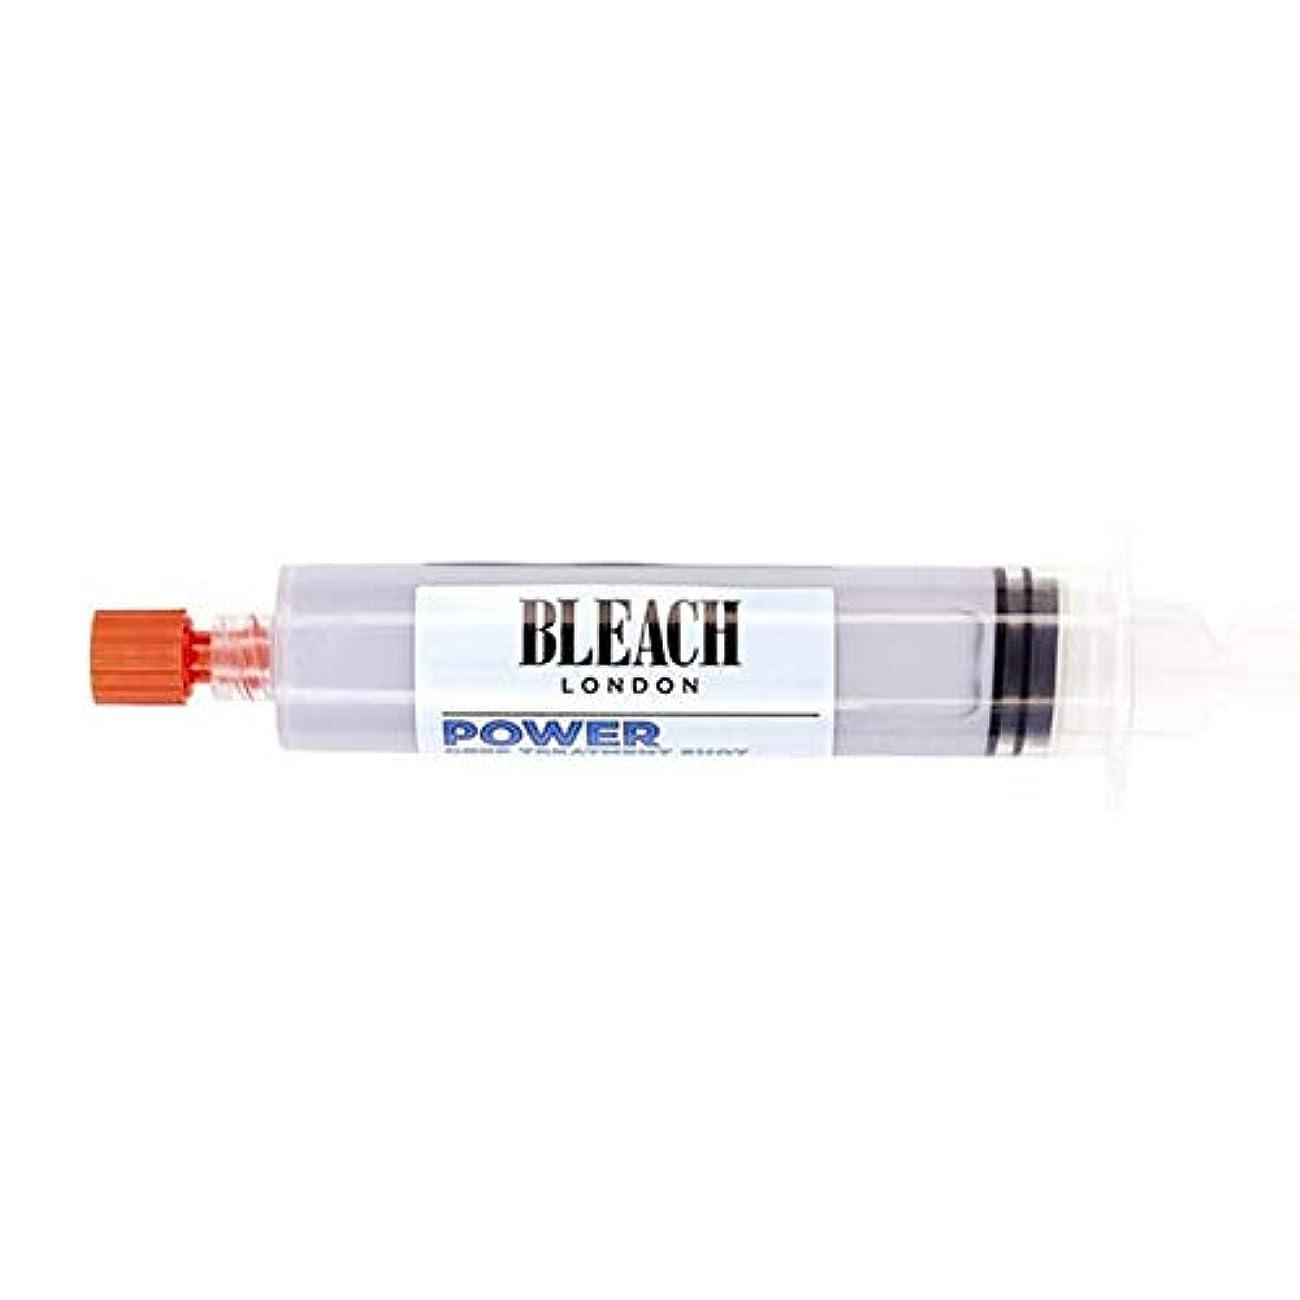 伝染病出版テーマ[Bleach London ] 漂白ロンドン治療ショット - ディープパワー - Bleach London Treatment Shot - Power Deep [並行輸入品]